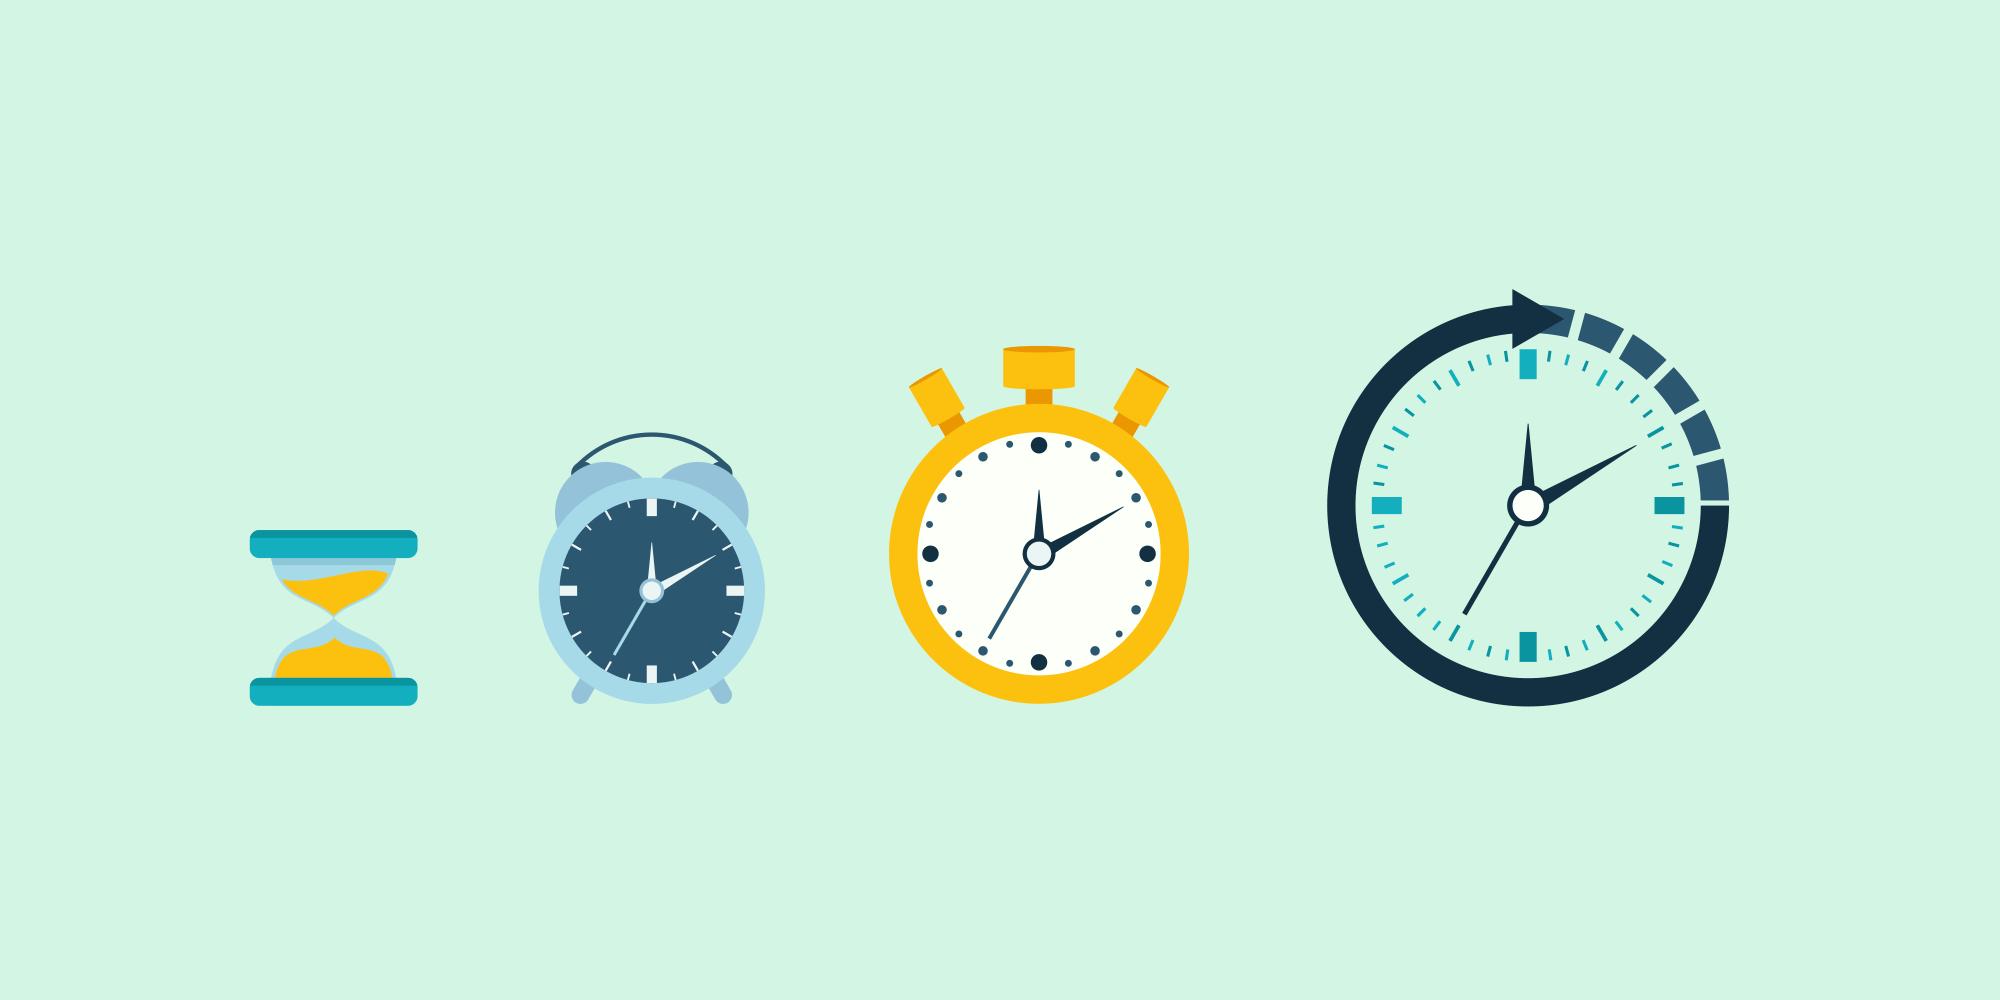 Técnicas de gestión del tiempo para hacer más eficiente tu día de trabajo